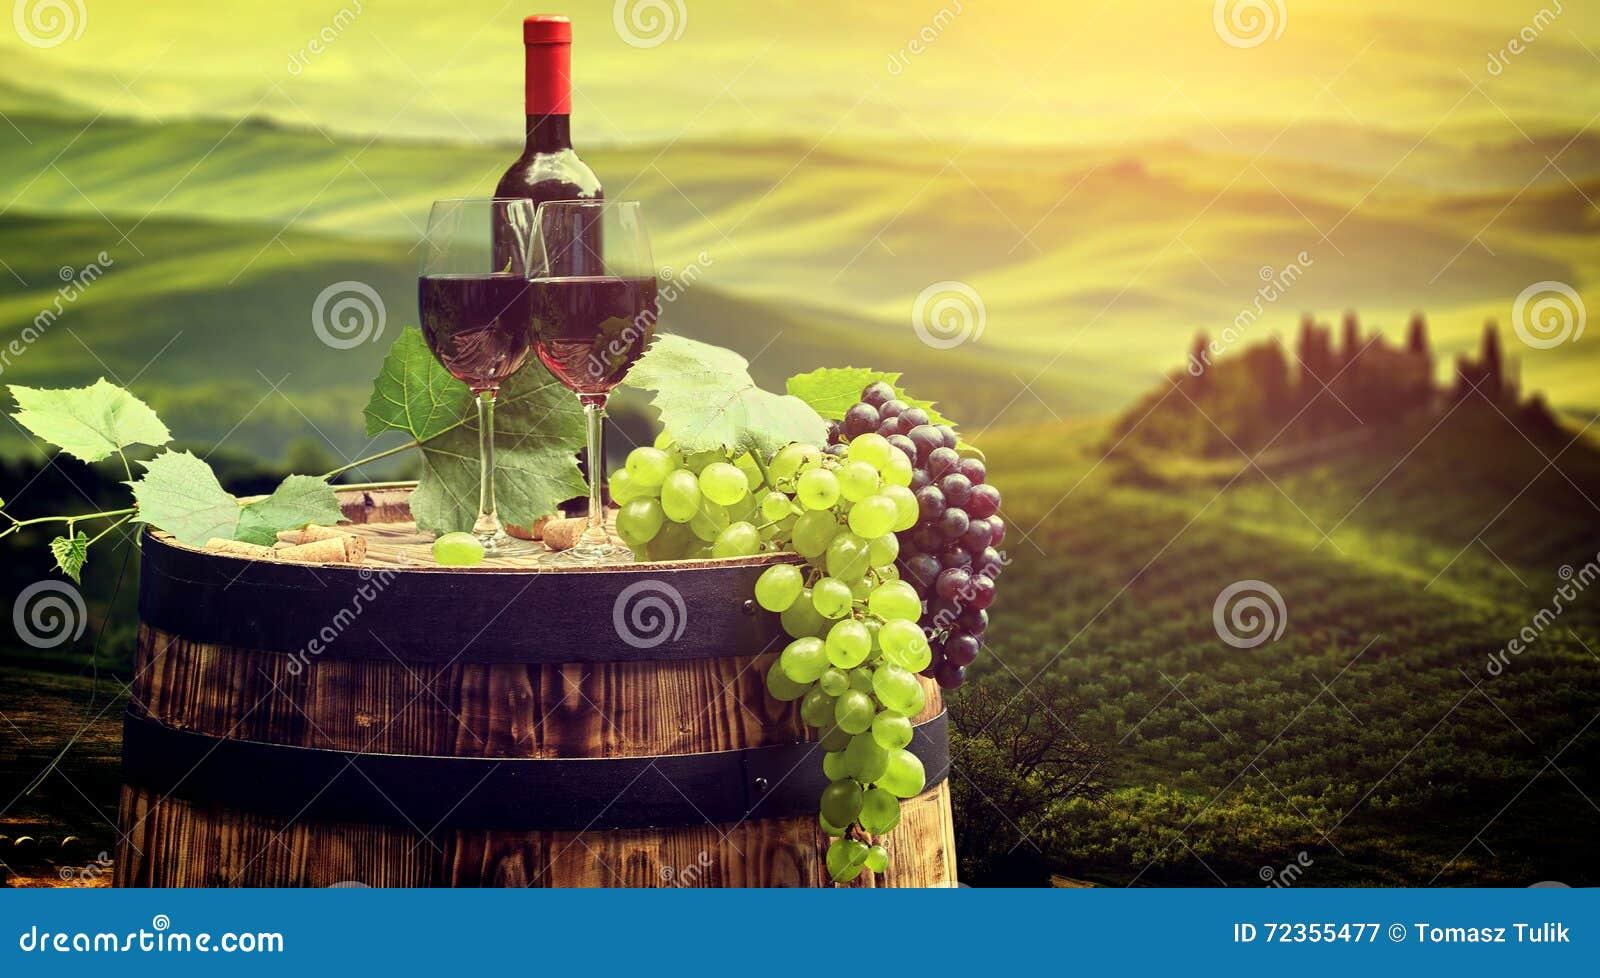 红葡萄酒瓶和玻璃wodden桶